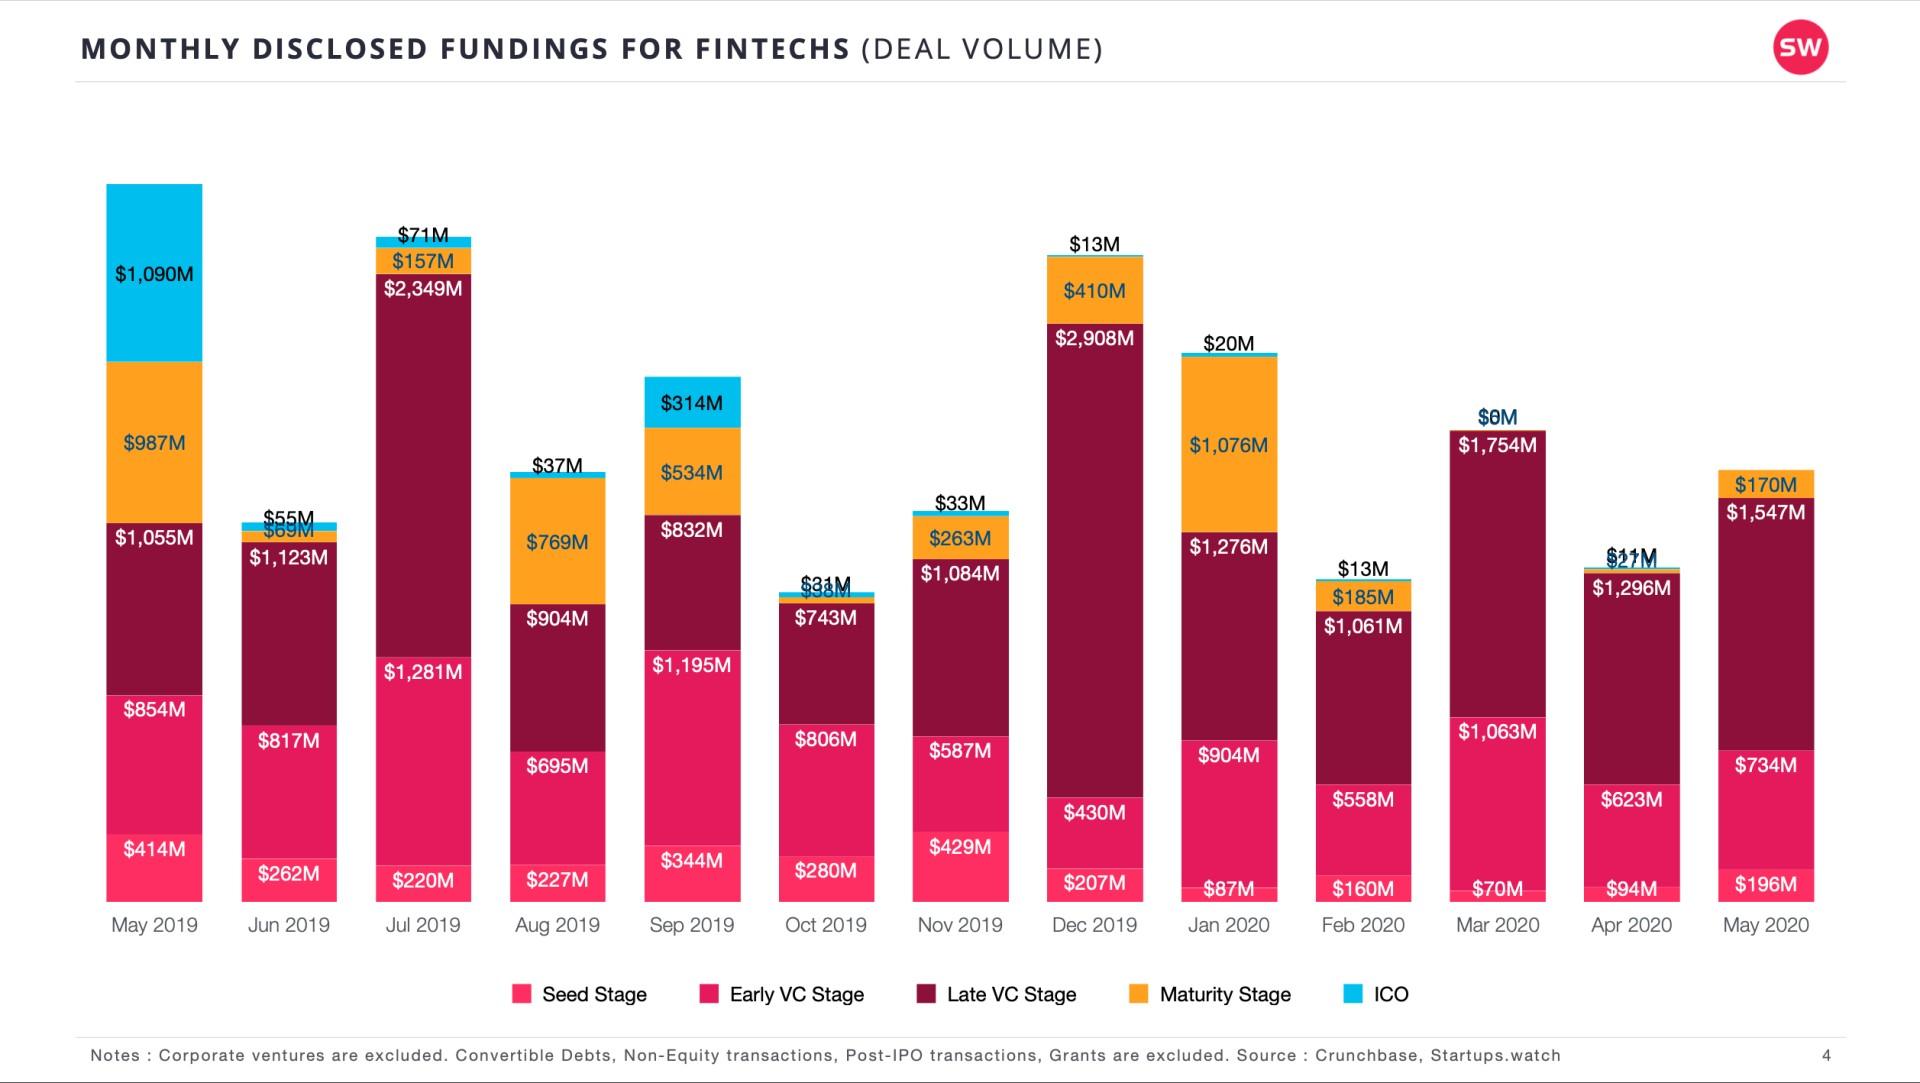 Startups.Watch küresel FinTech raporları - Mayıs 2020